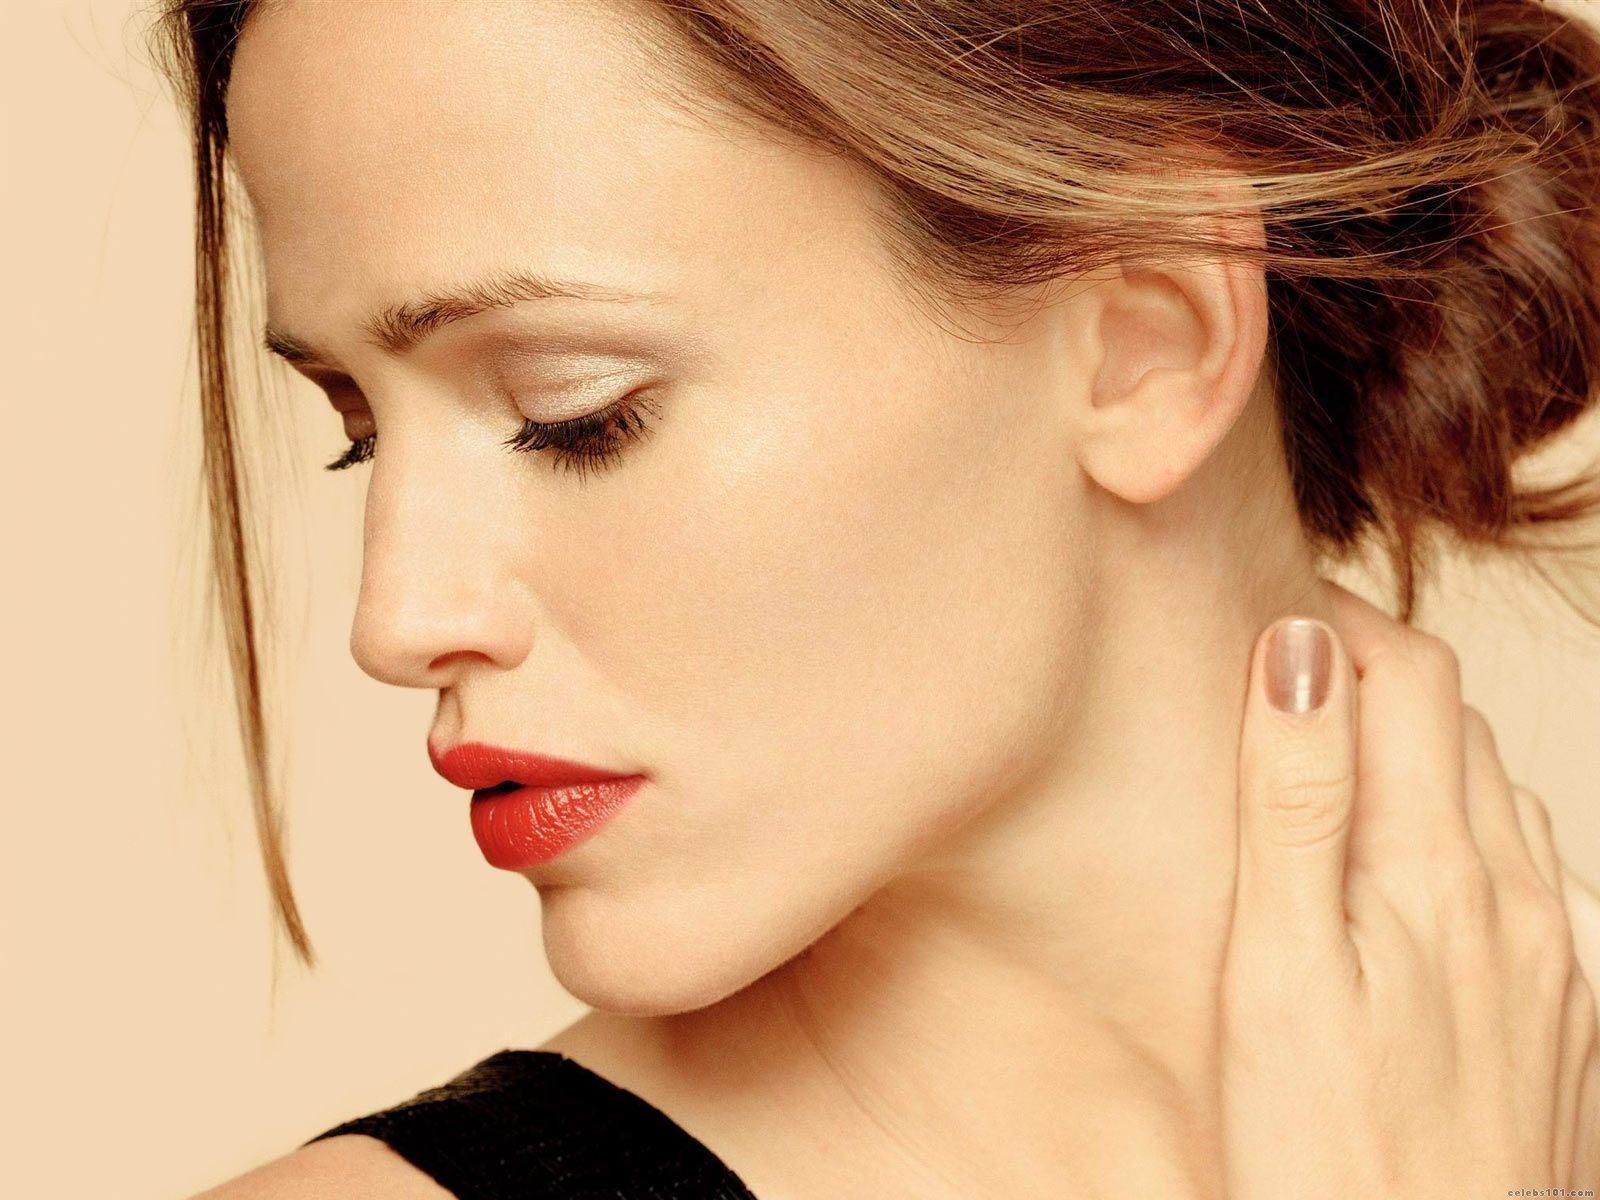 http://4.bp.blogspot.com/-aLUIuEig4tU/TyTc-k2v9eI/AAAAAAAACP0/pannIJ0O1GU/s1600/Jennifer-Garner-Hot-Wallpapers-.jpg